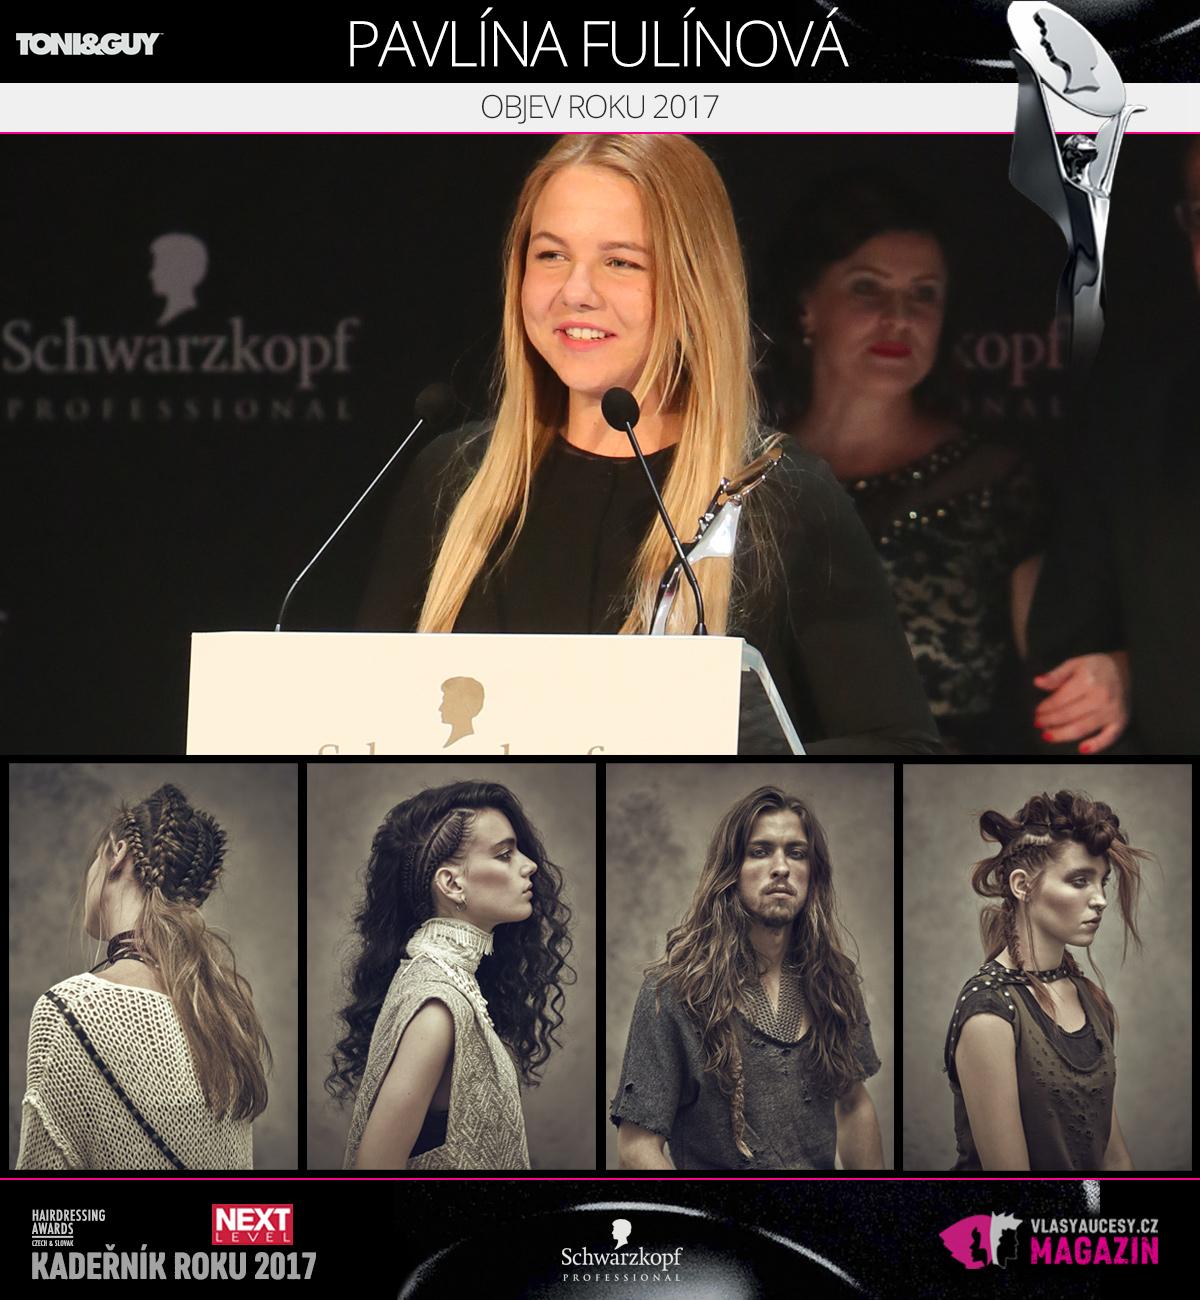 Pavlína Fulínová (Toni&Guy Praha) – Objev roku 2017 soutěže Czech&Slovak Hairdressing Awards 2017.